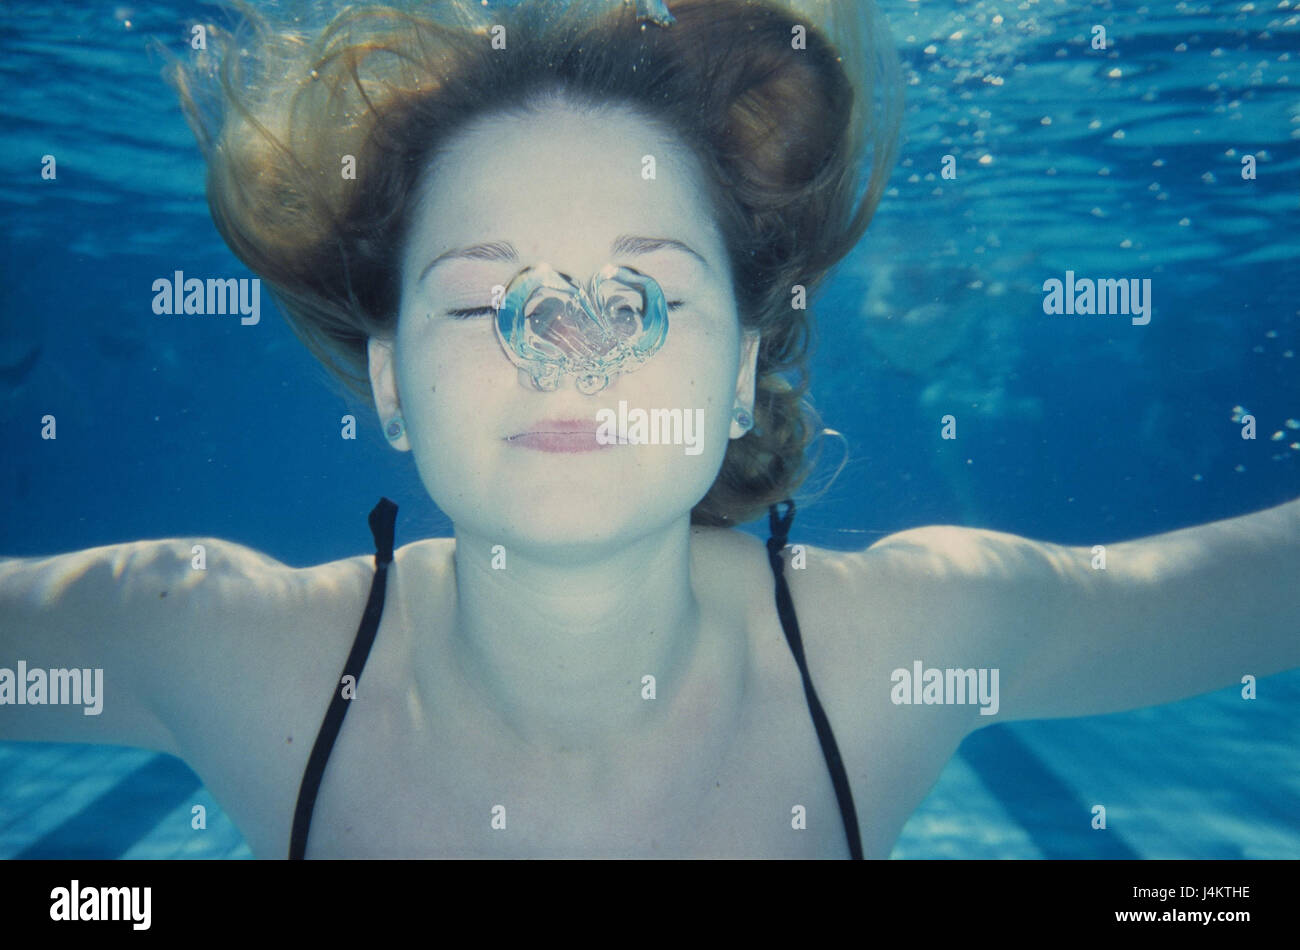 d67f71387a Piscina, registrazione subacquea, donna, giovane, pelle-immersione, bolle  d'aria sotto l'acqua, il costume da bagno, nuotare, nuotatore, sport, nuoto,  ...